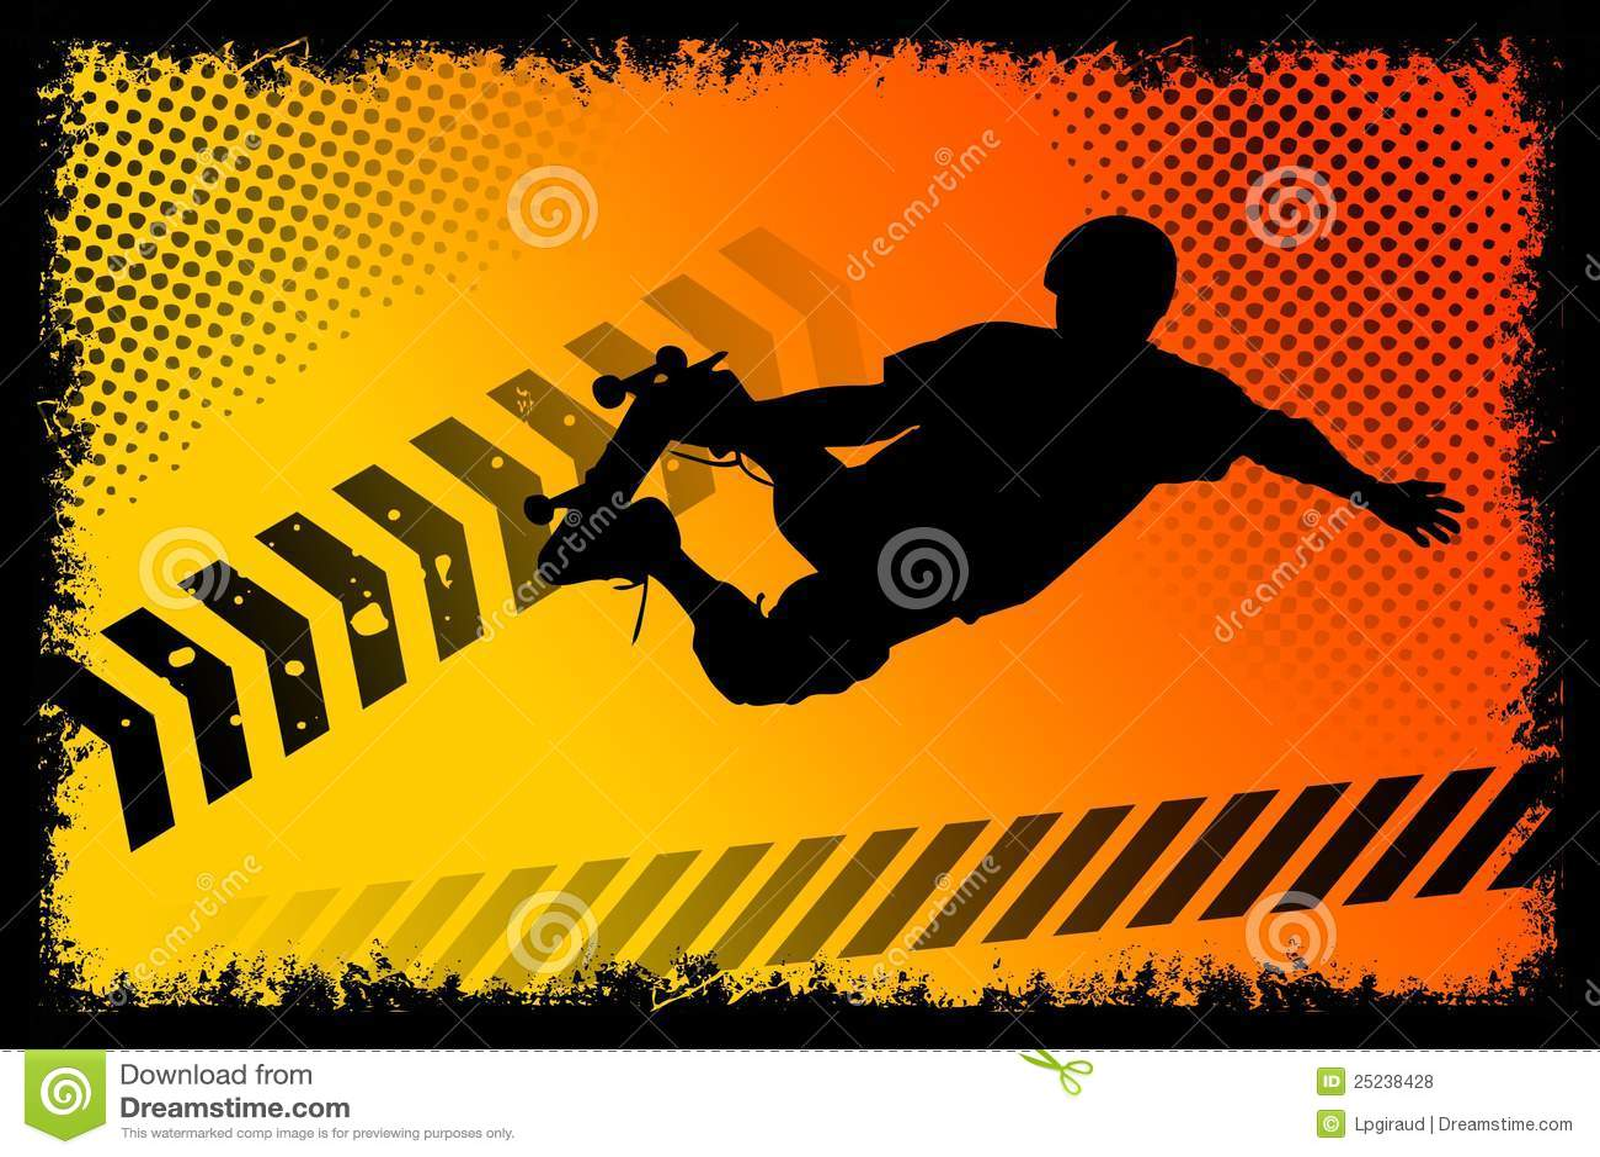 Poster do skate